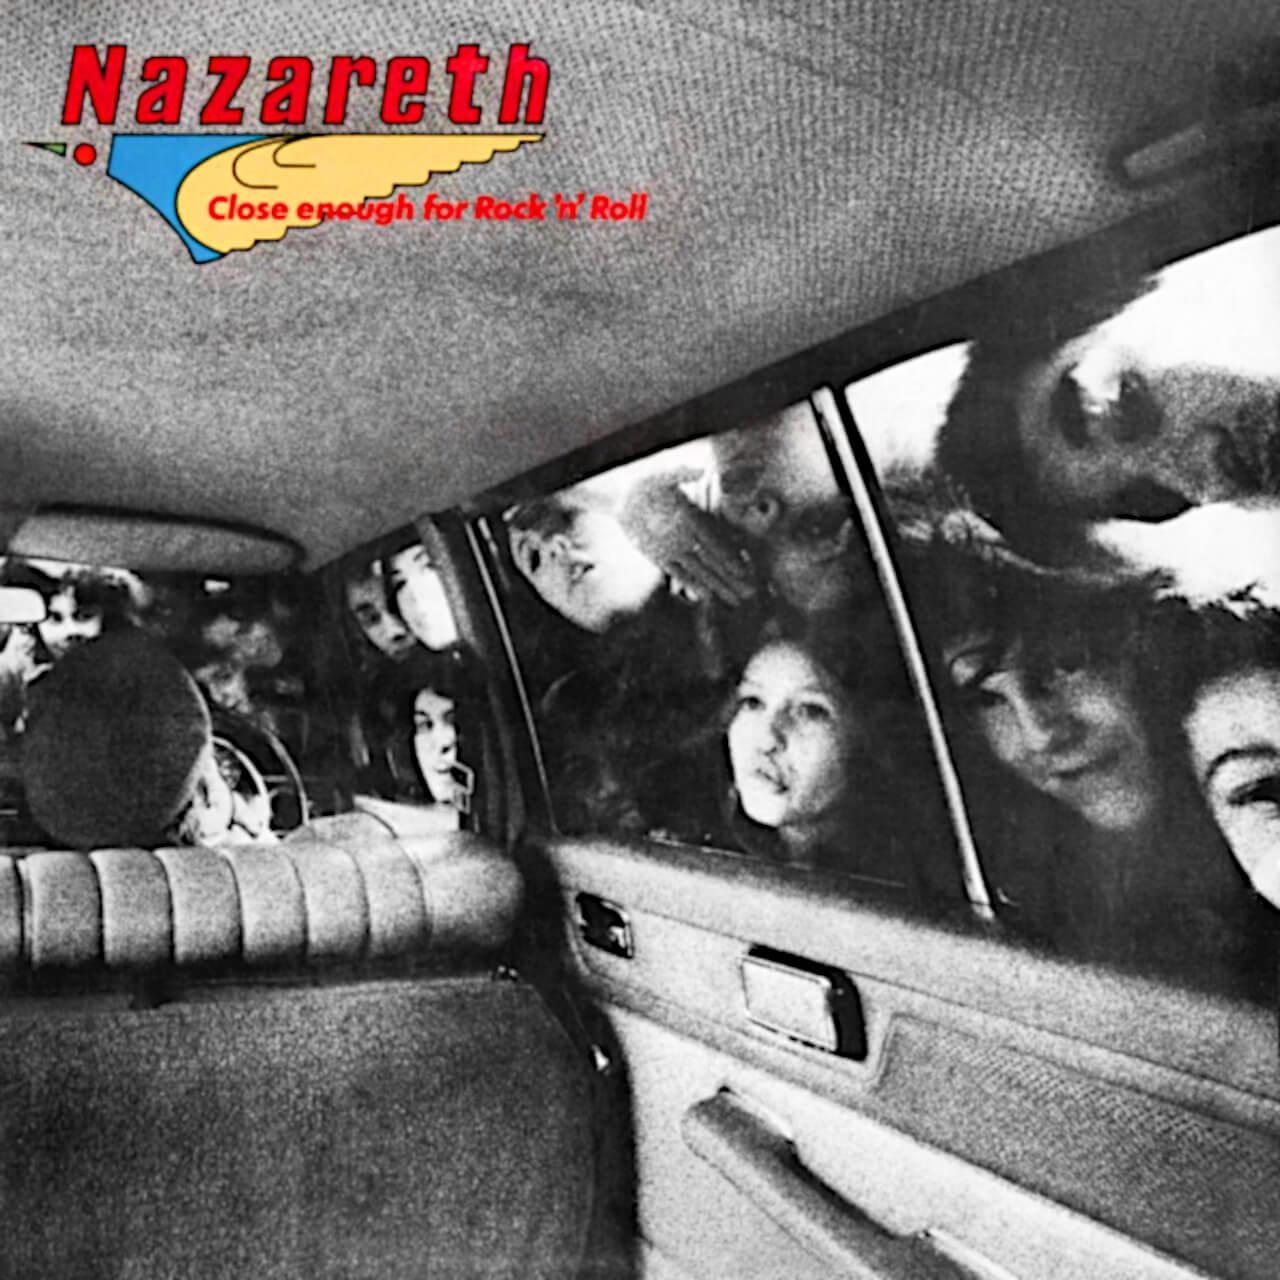 Nazareth - Lo suficientemente cerca para el Rock n 'Roll